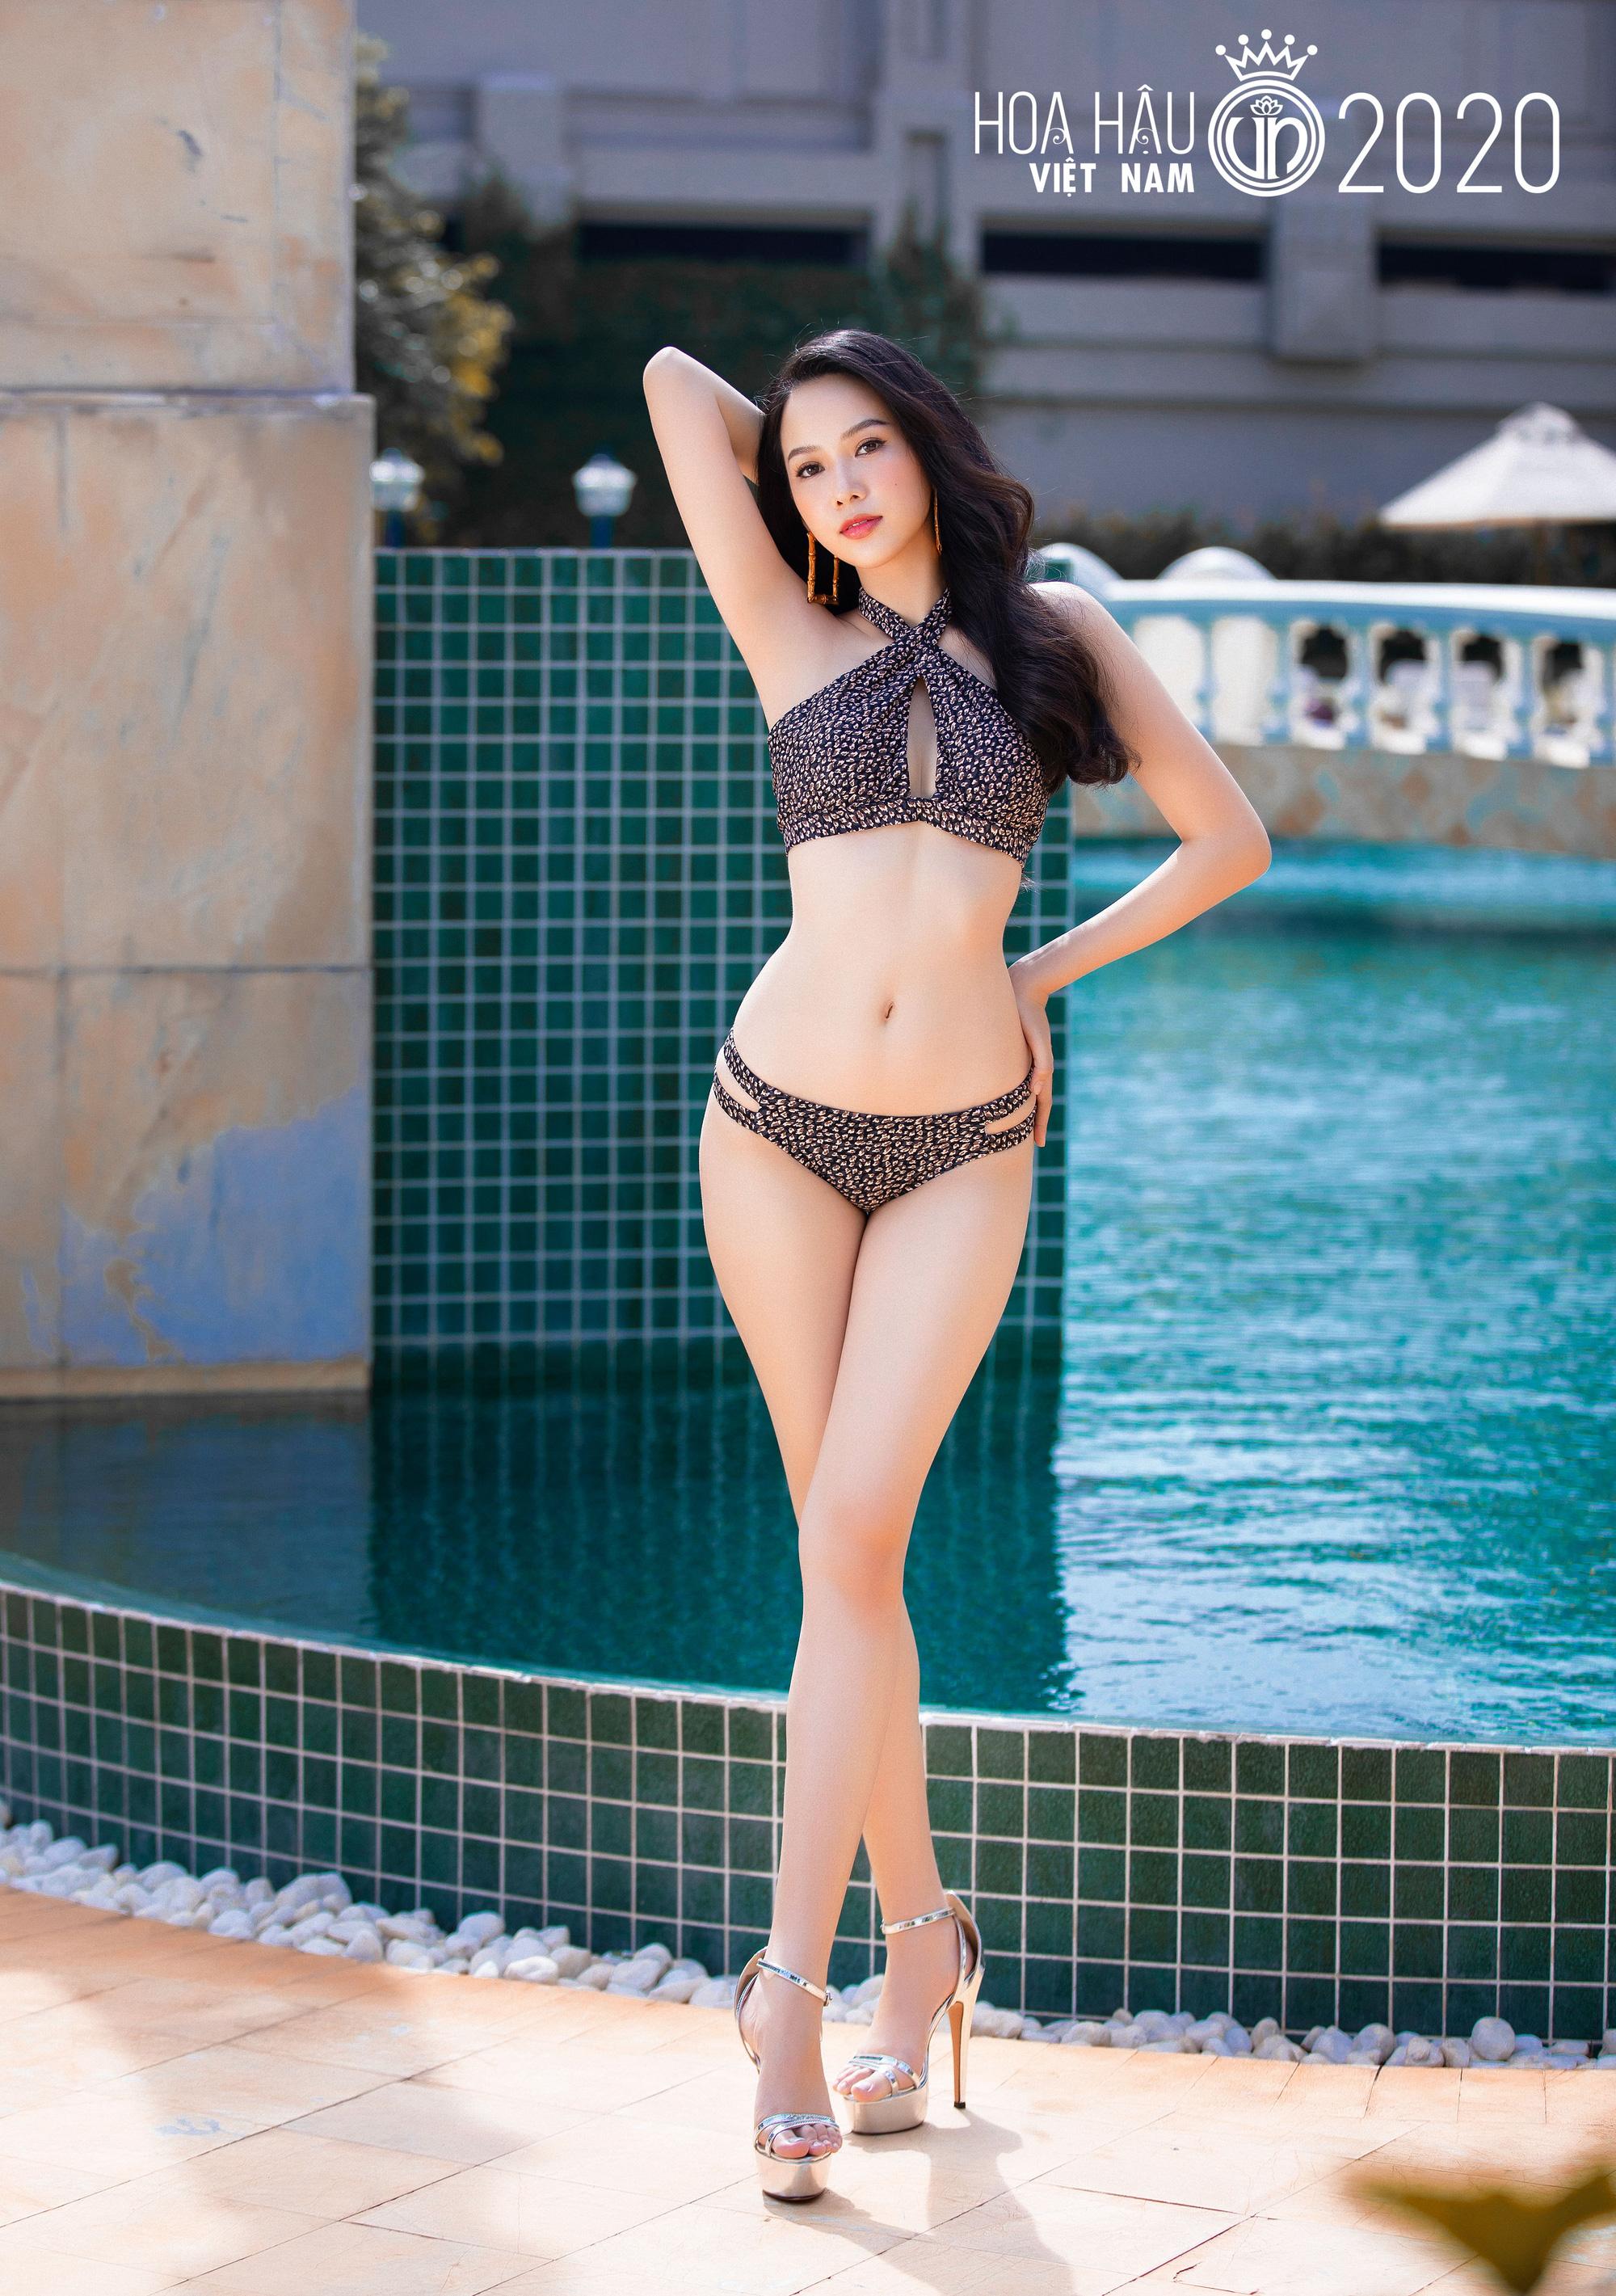 """5 mỹ nhân Hoa hậu Việt Nam 2020 mặc bikini quyến rũ """"đốt mắt"""" dự đoán """"soán ngôi"""" Trần Tiểu Vy là ai? - Ảnh 6."""